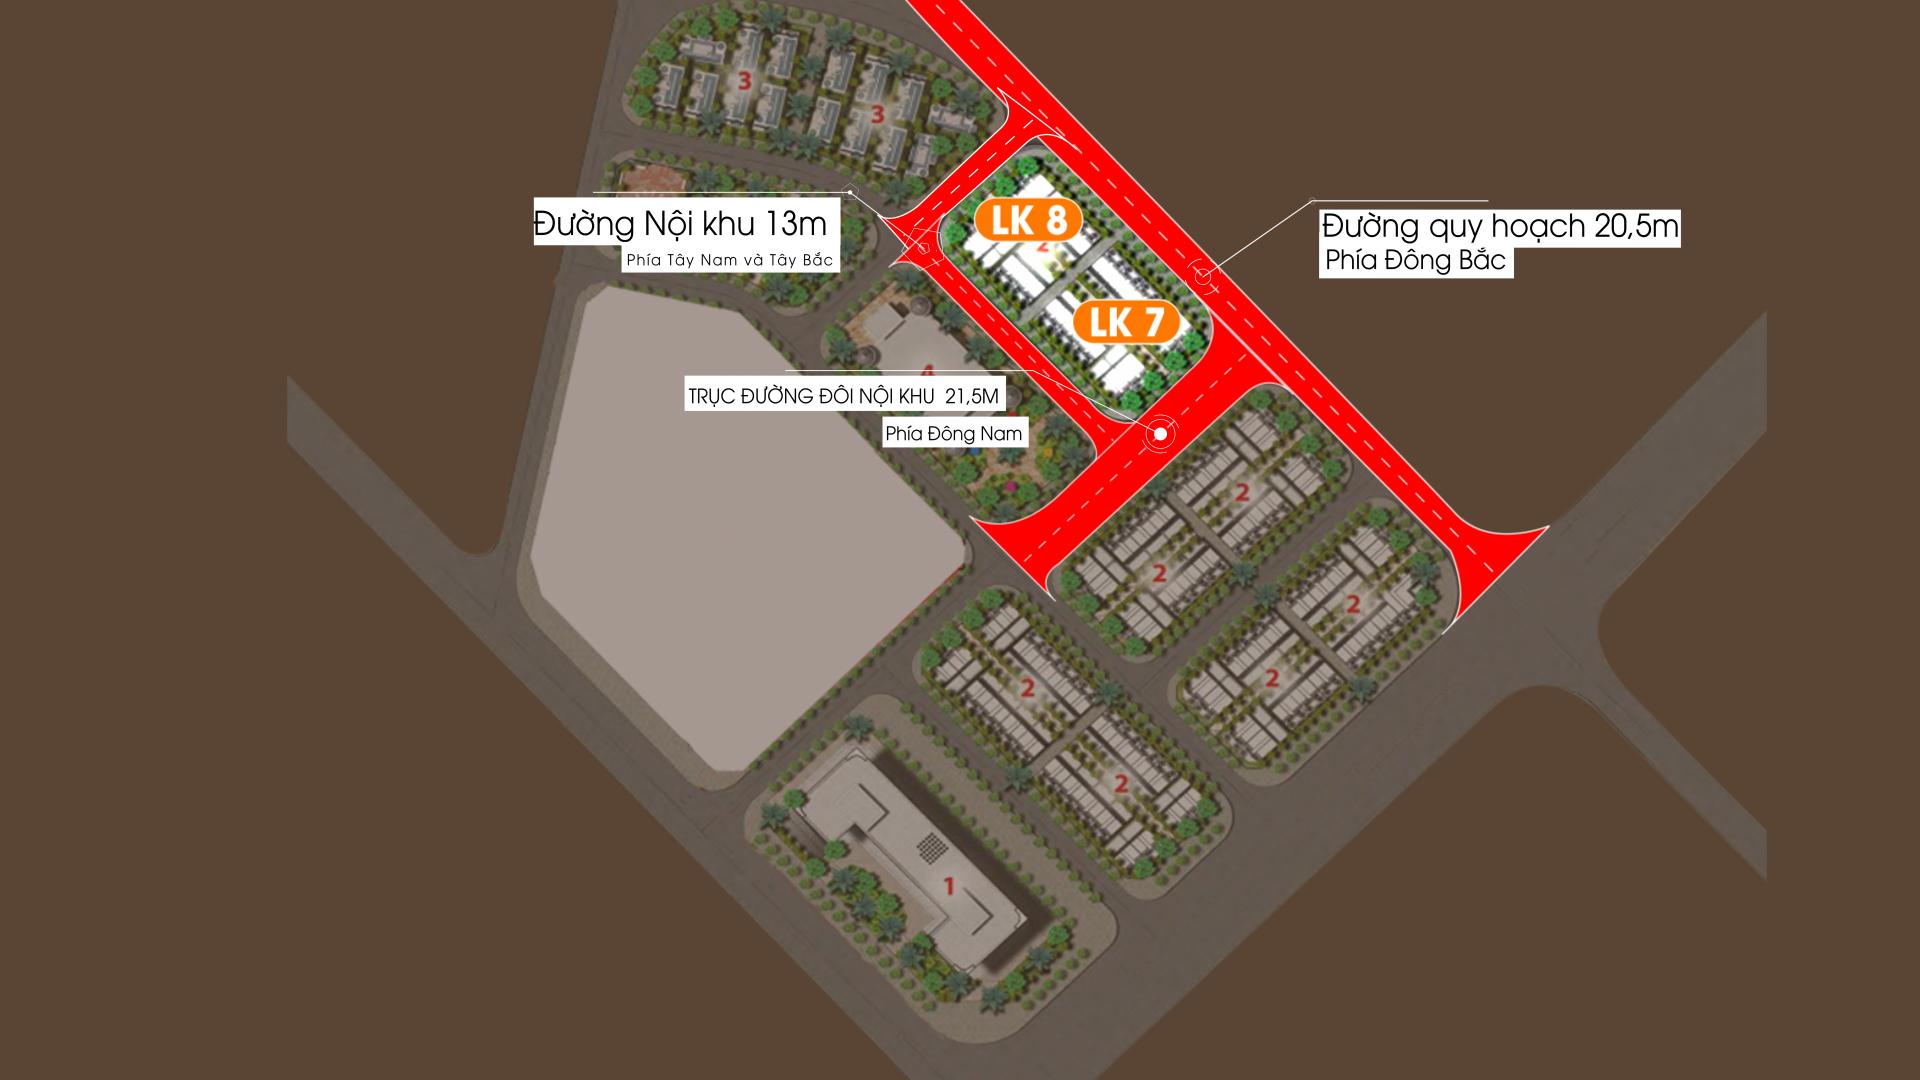 Phân khu Biệt thự Liền kề LK7 vs LK8 Dự án Vimefulland Cổ Dương Helianthus Center Red River 2021